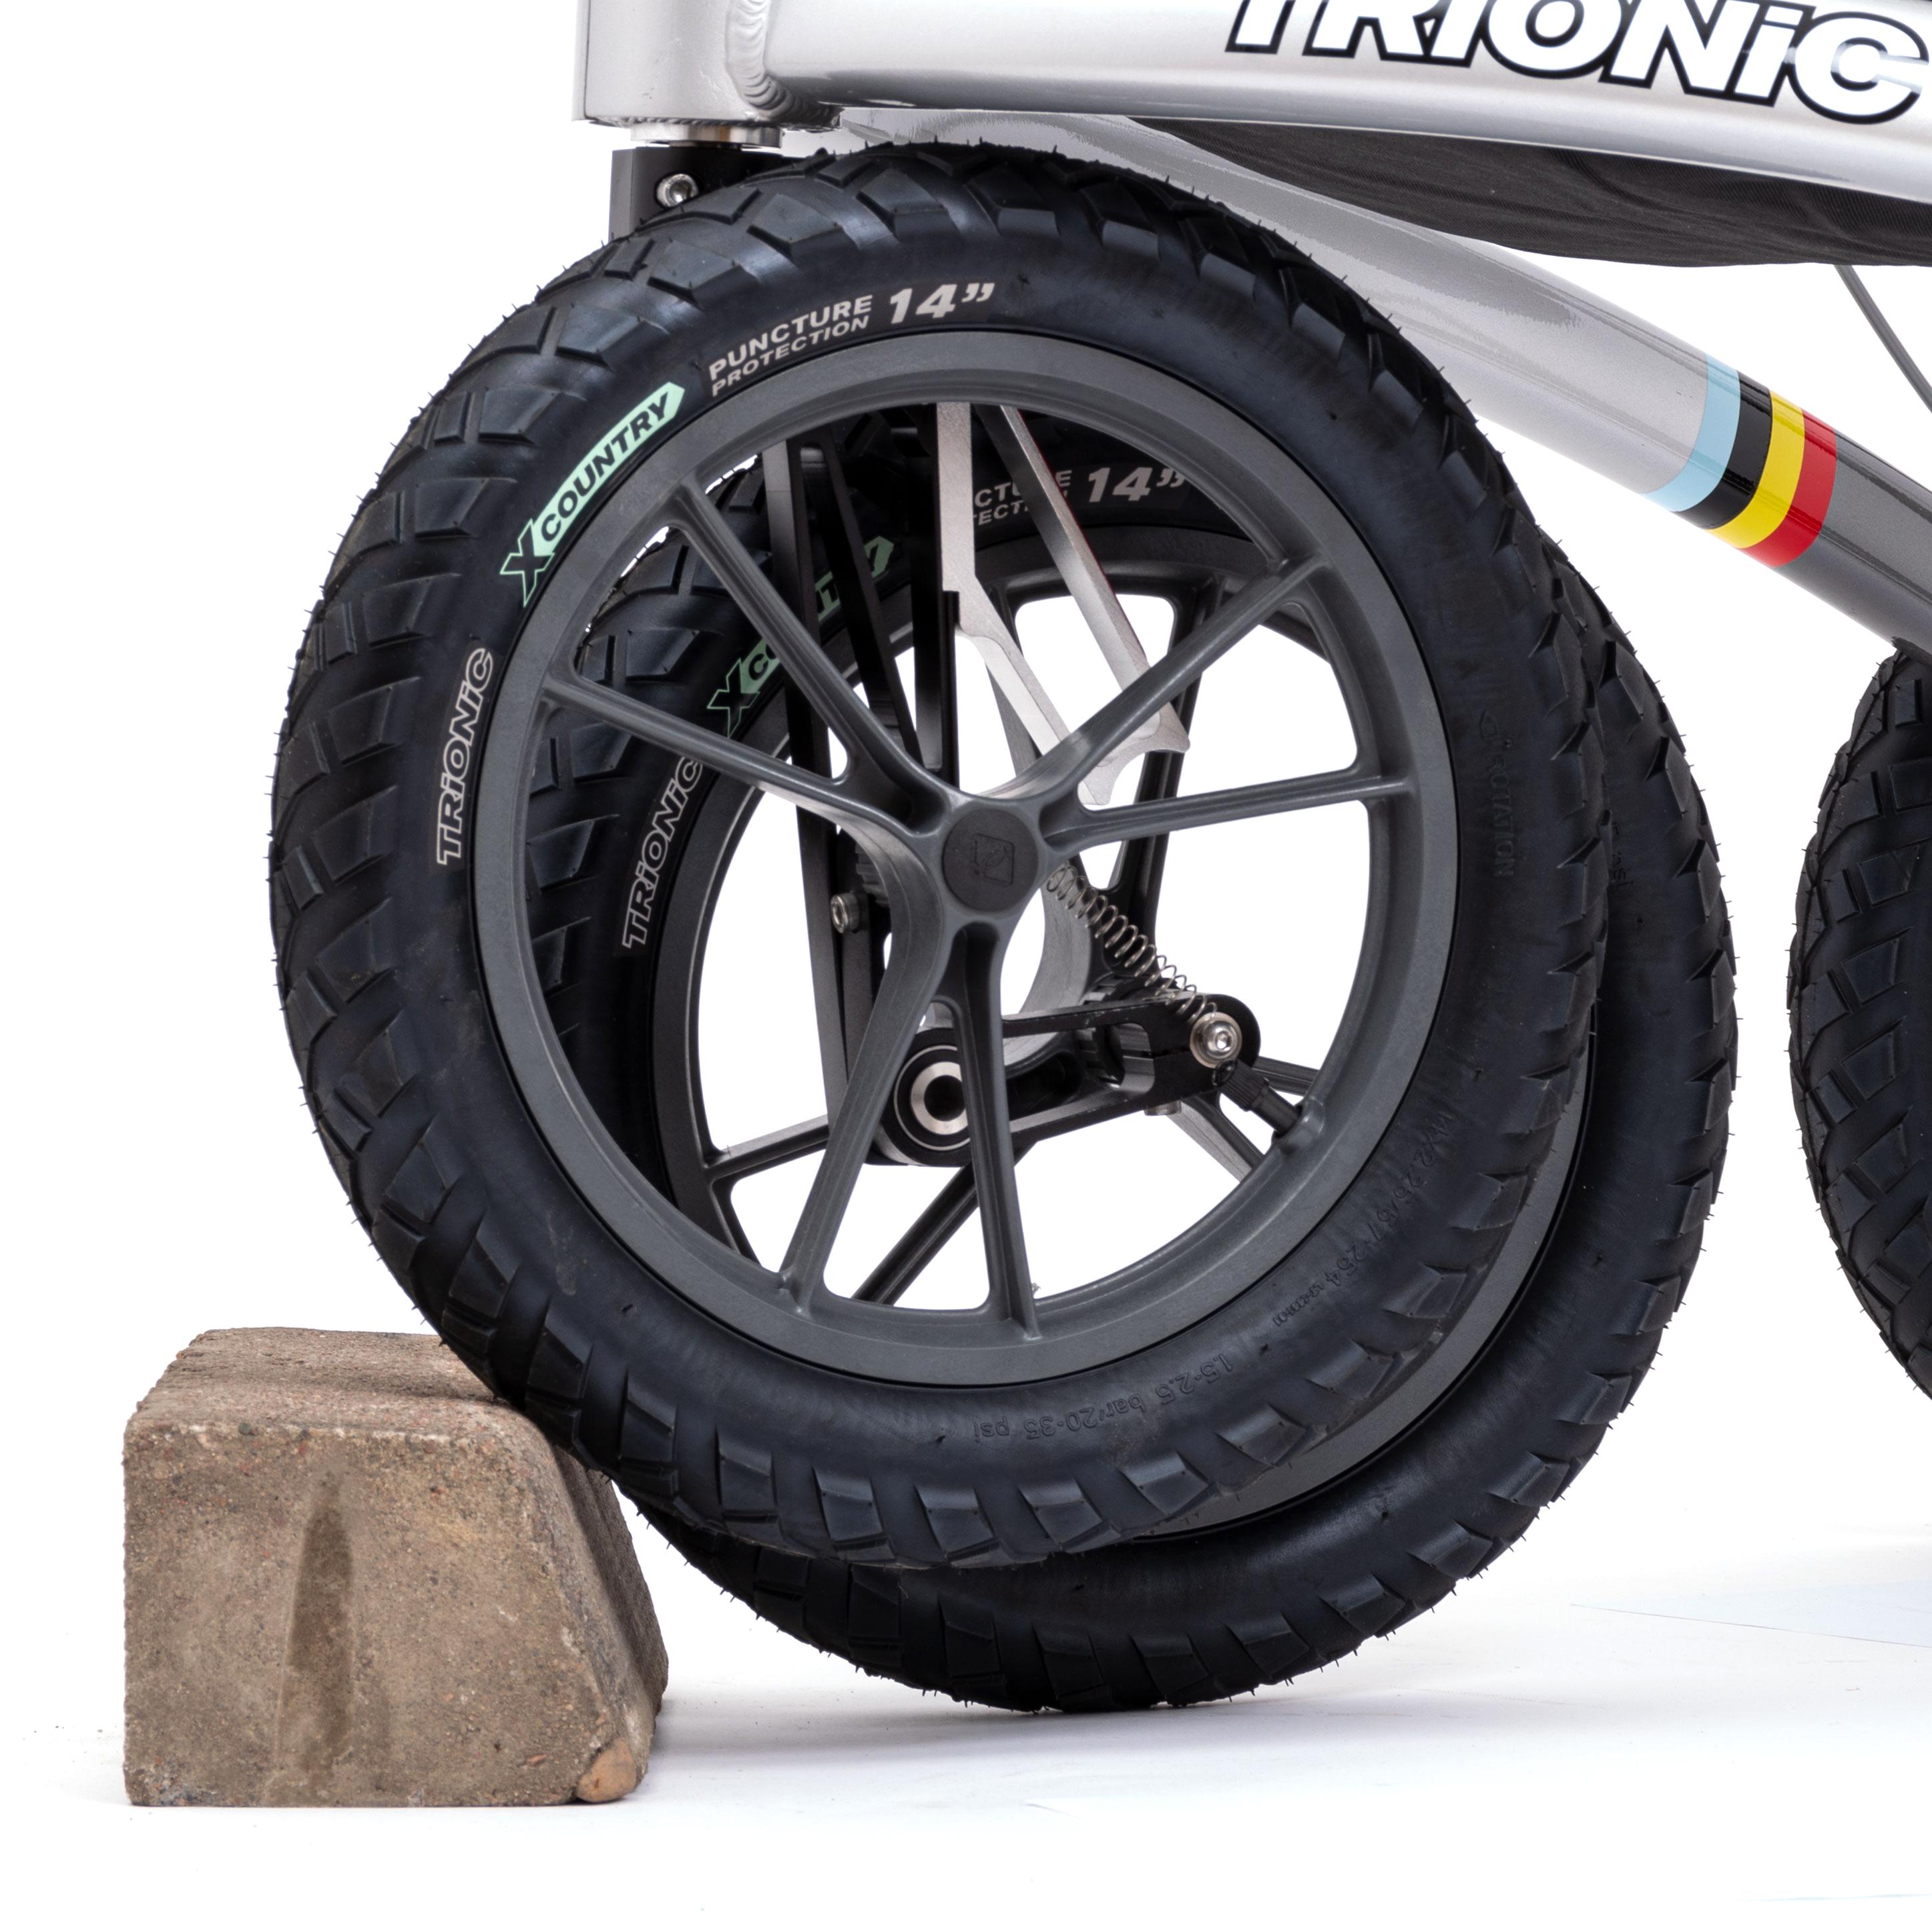 Trionic Climbing wheel입니다.